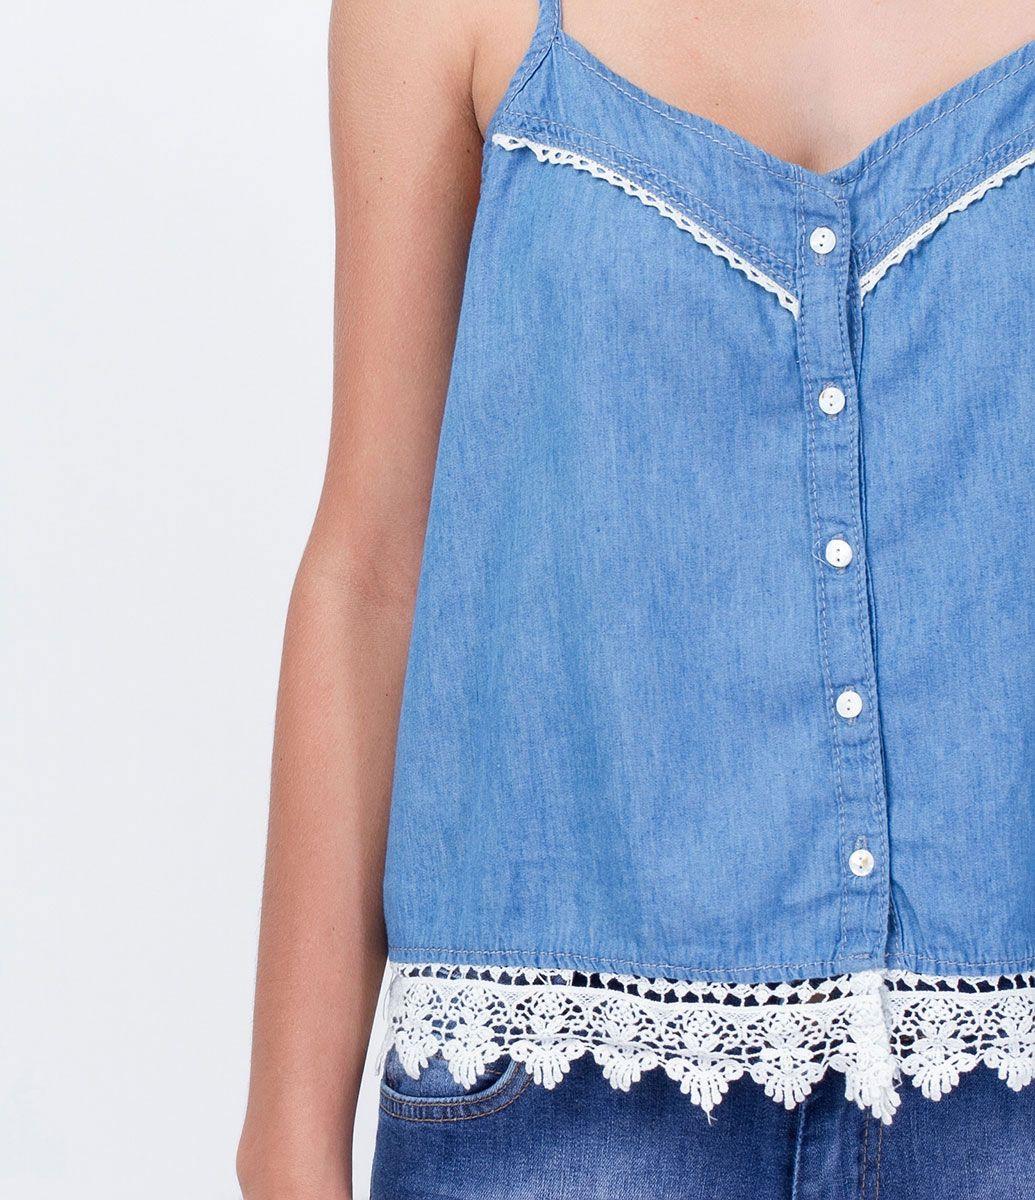 Regata feminina Fechamento de botões Barra em renda Marca  Blue Steel  Tecido  jeans Composição  100% algodão Modelo veste tamanho  P COLEÇÃO  VERÃO 2016 Veja ... c1ec835cad2